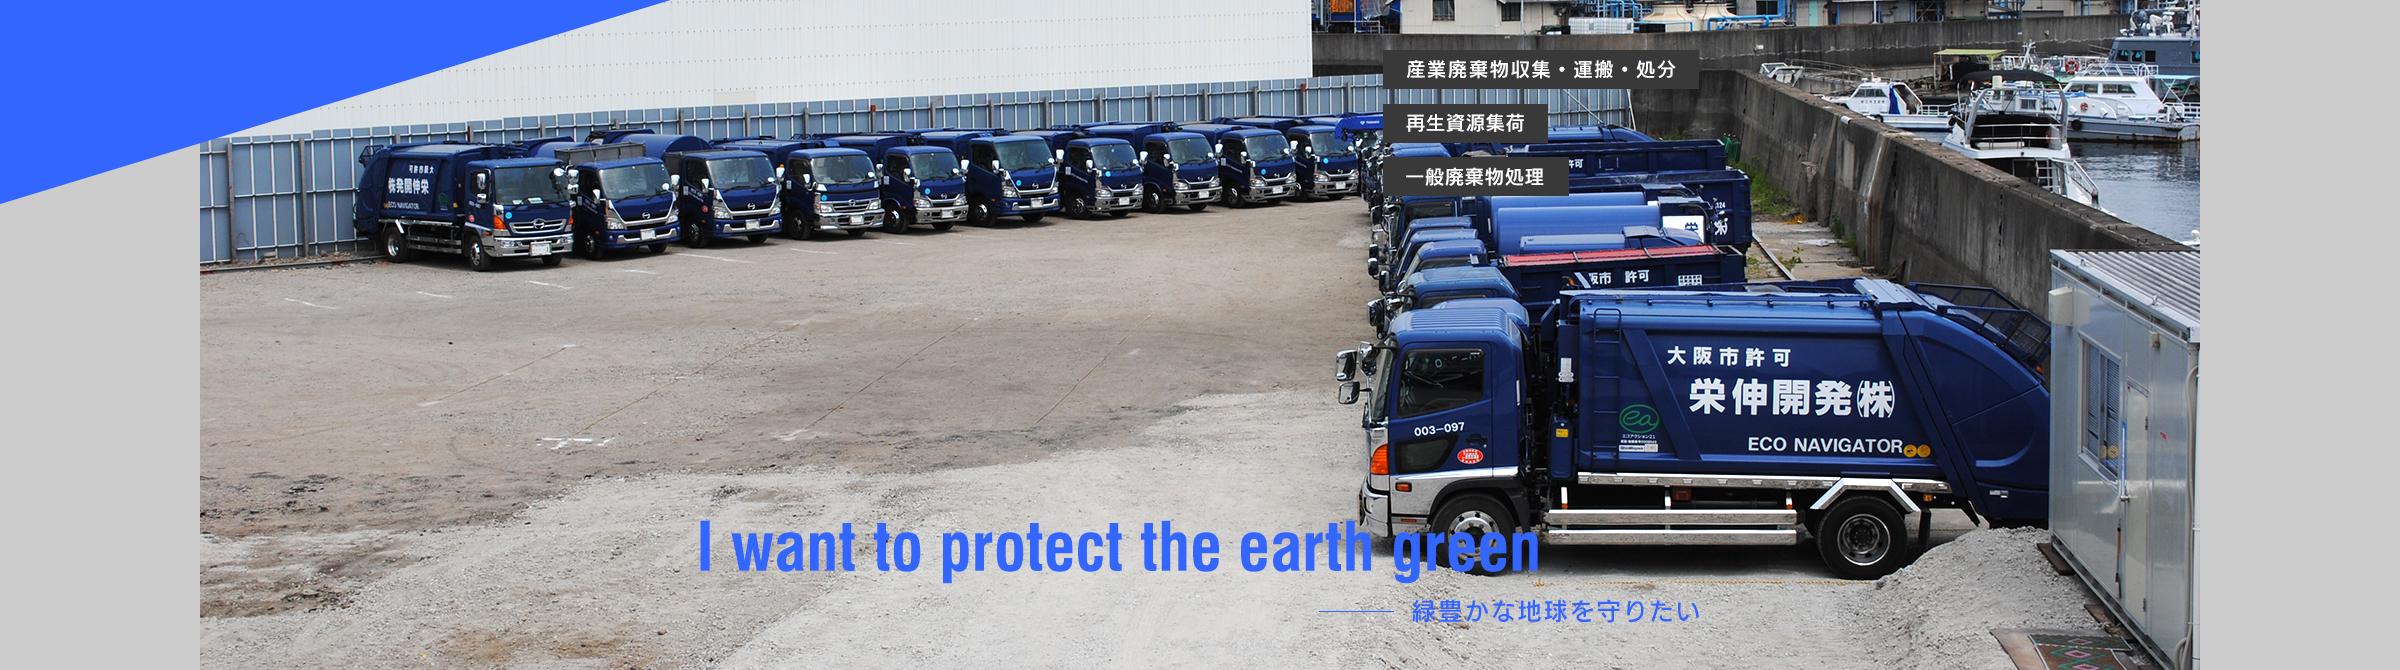 産業廃棄物収集・運搬・処分 再生資源集荷 一般廃棄物処理 緑豊かな地球を守りたい